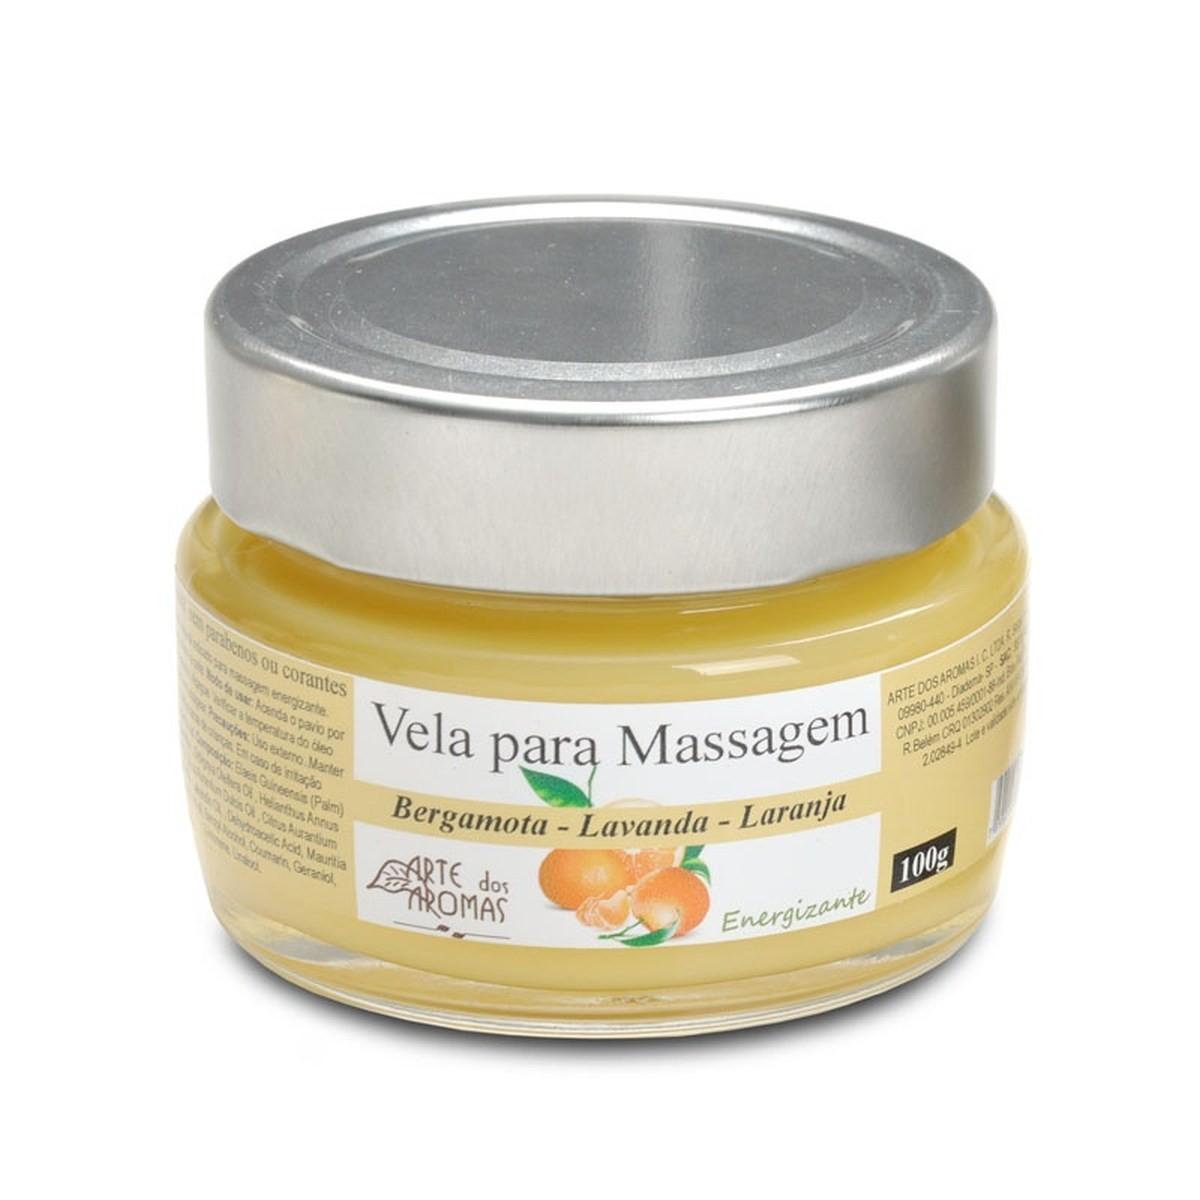 Vela Natural para Massagem Arte dos Aromas 100g